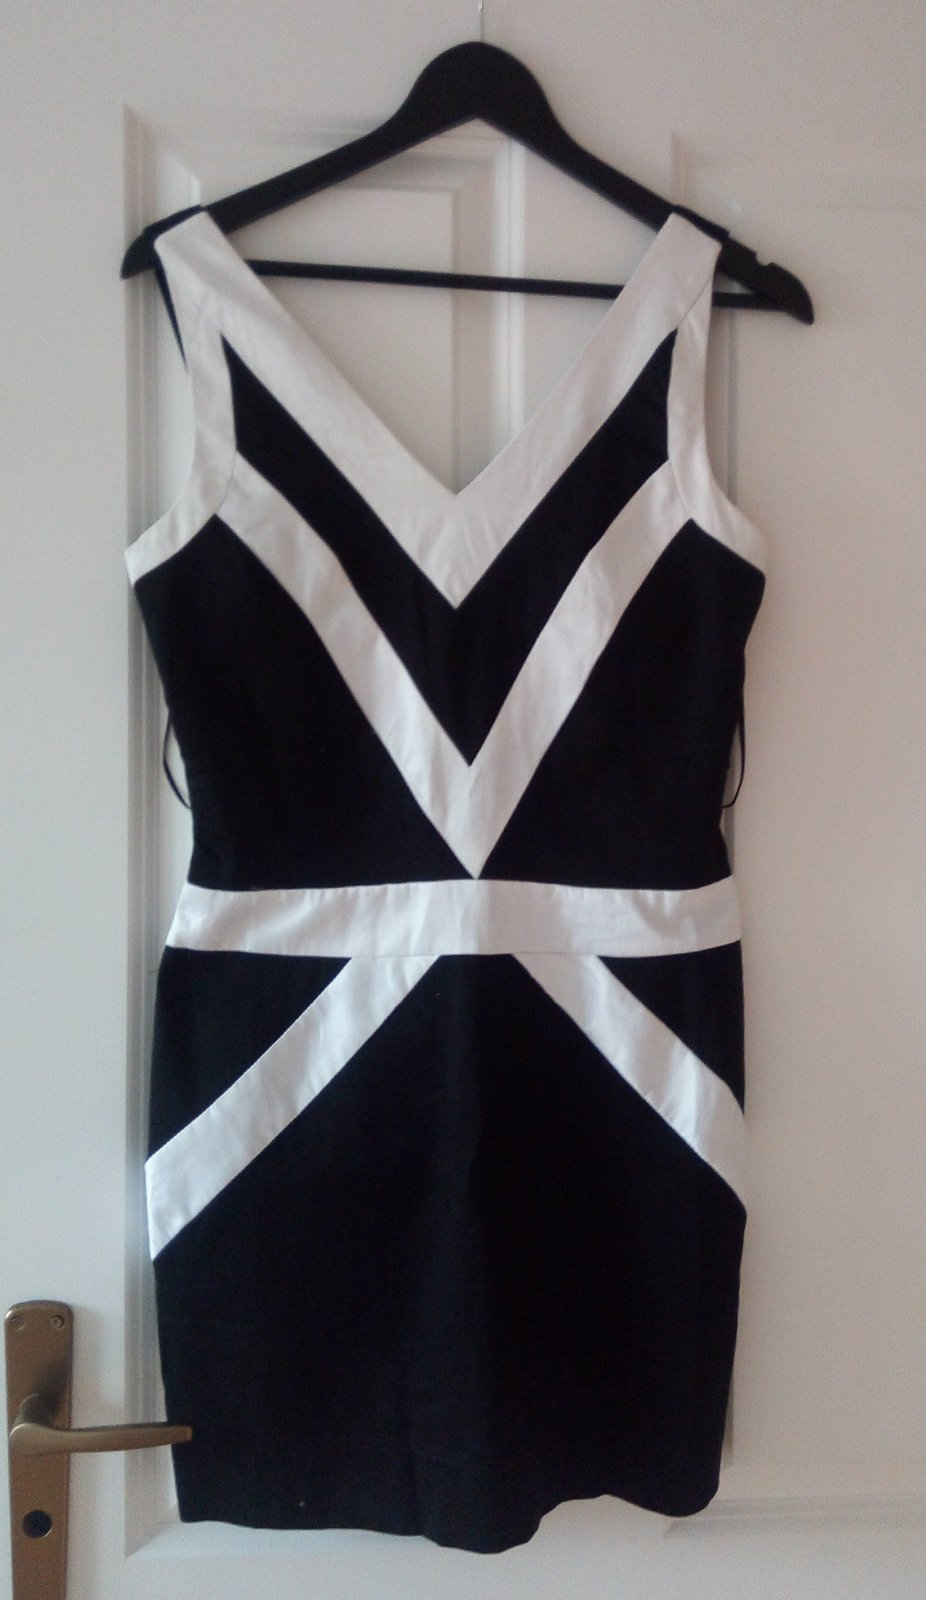 Čiernobiele šaty M - Obrázok č. 1